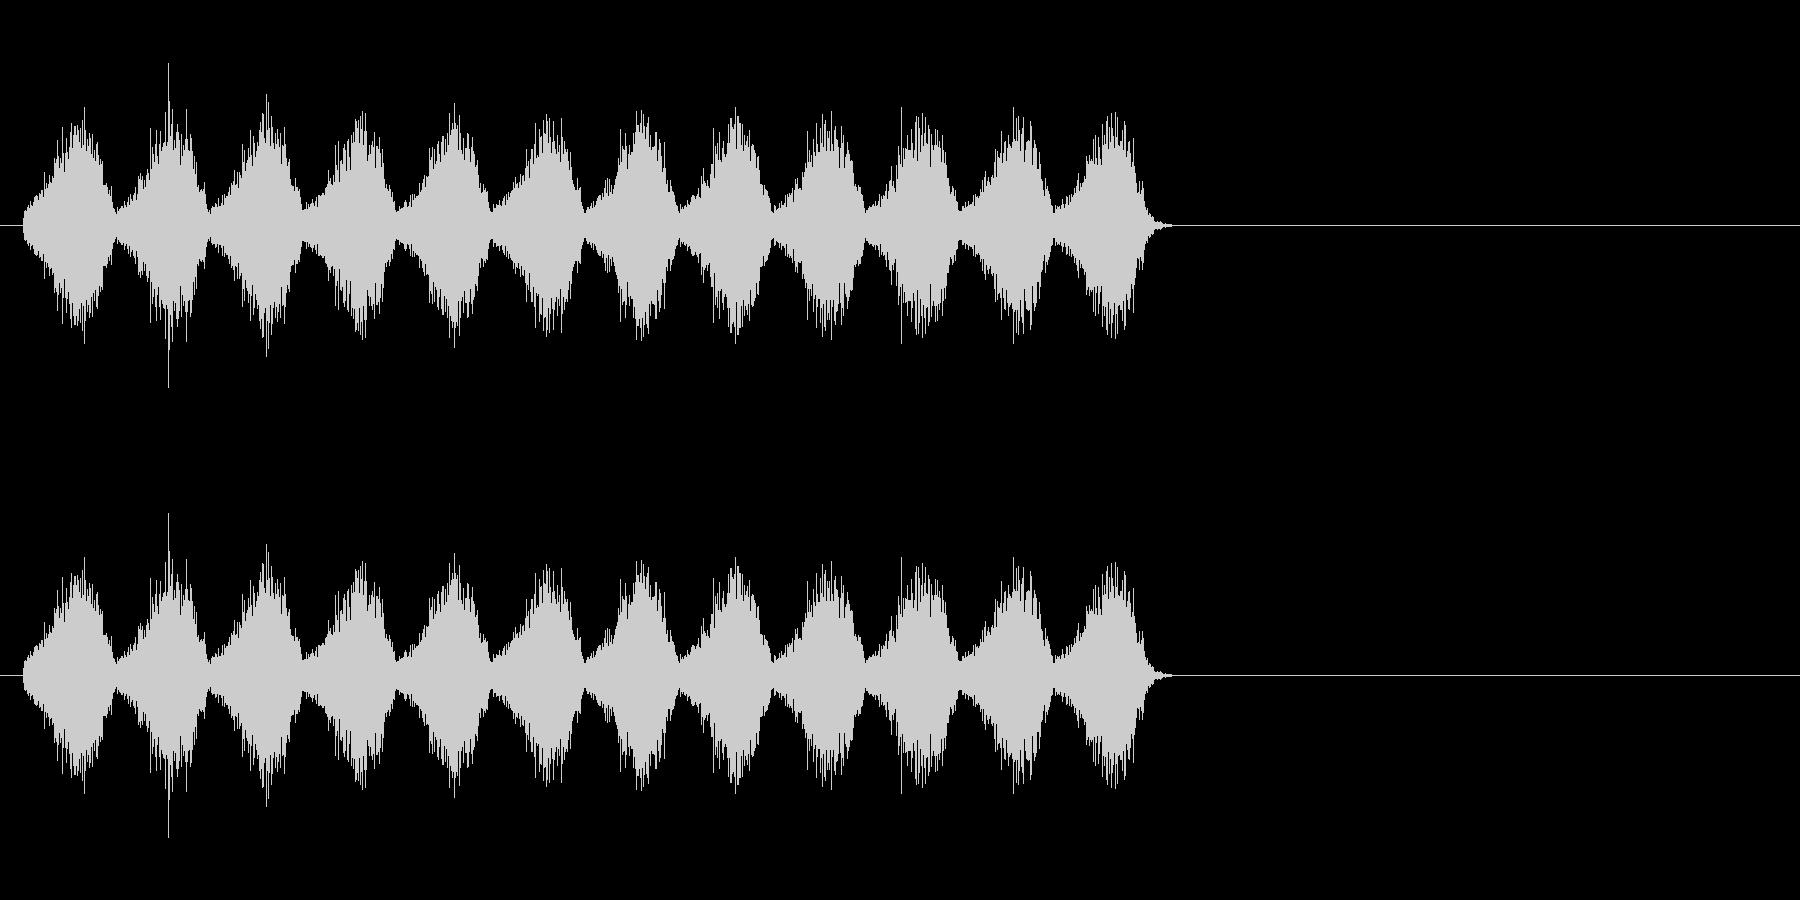 オーラの効果音_チャージ音にの未再生の波形